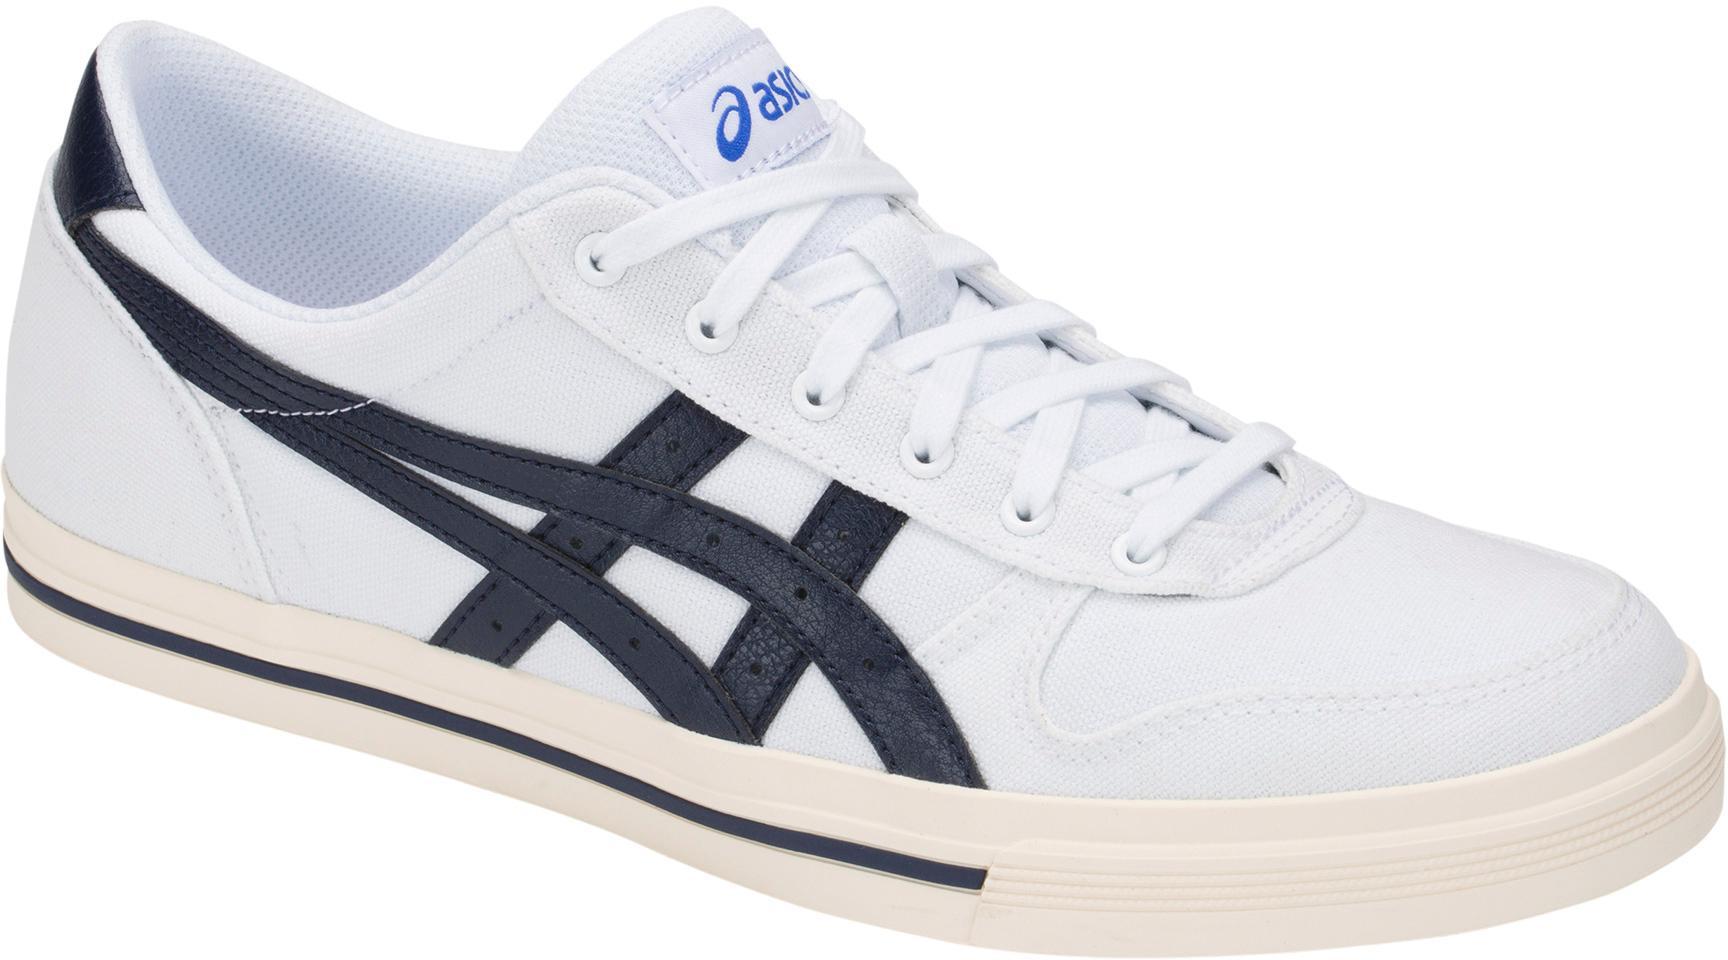 ASICS Aaron Turnschuhe Herren midnight-light steel von im Online Shop von steel SportScheck kaufen Gute Qualität beliebte Schuhe b2f4a2